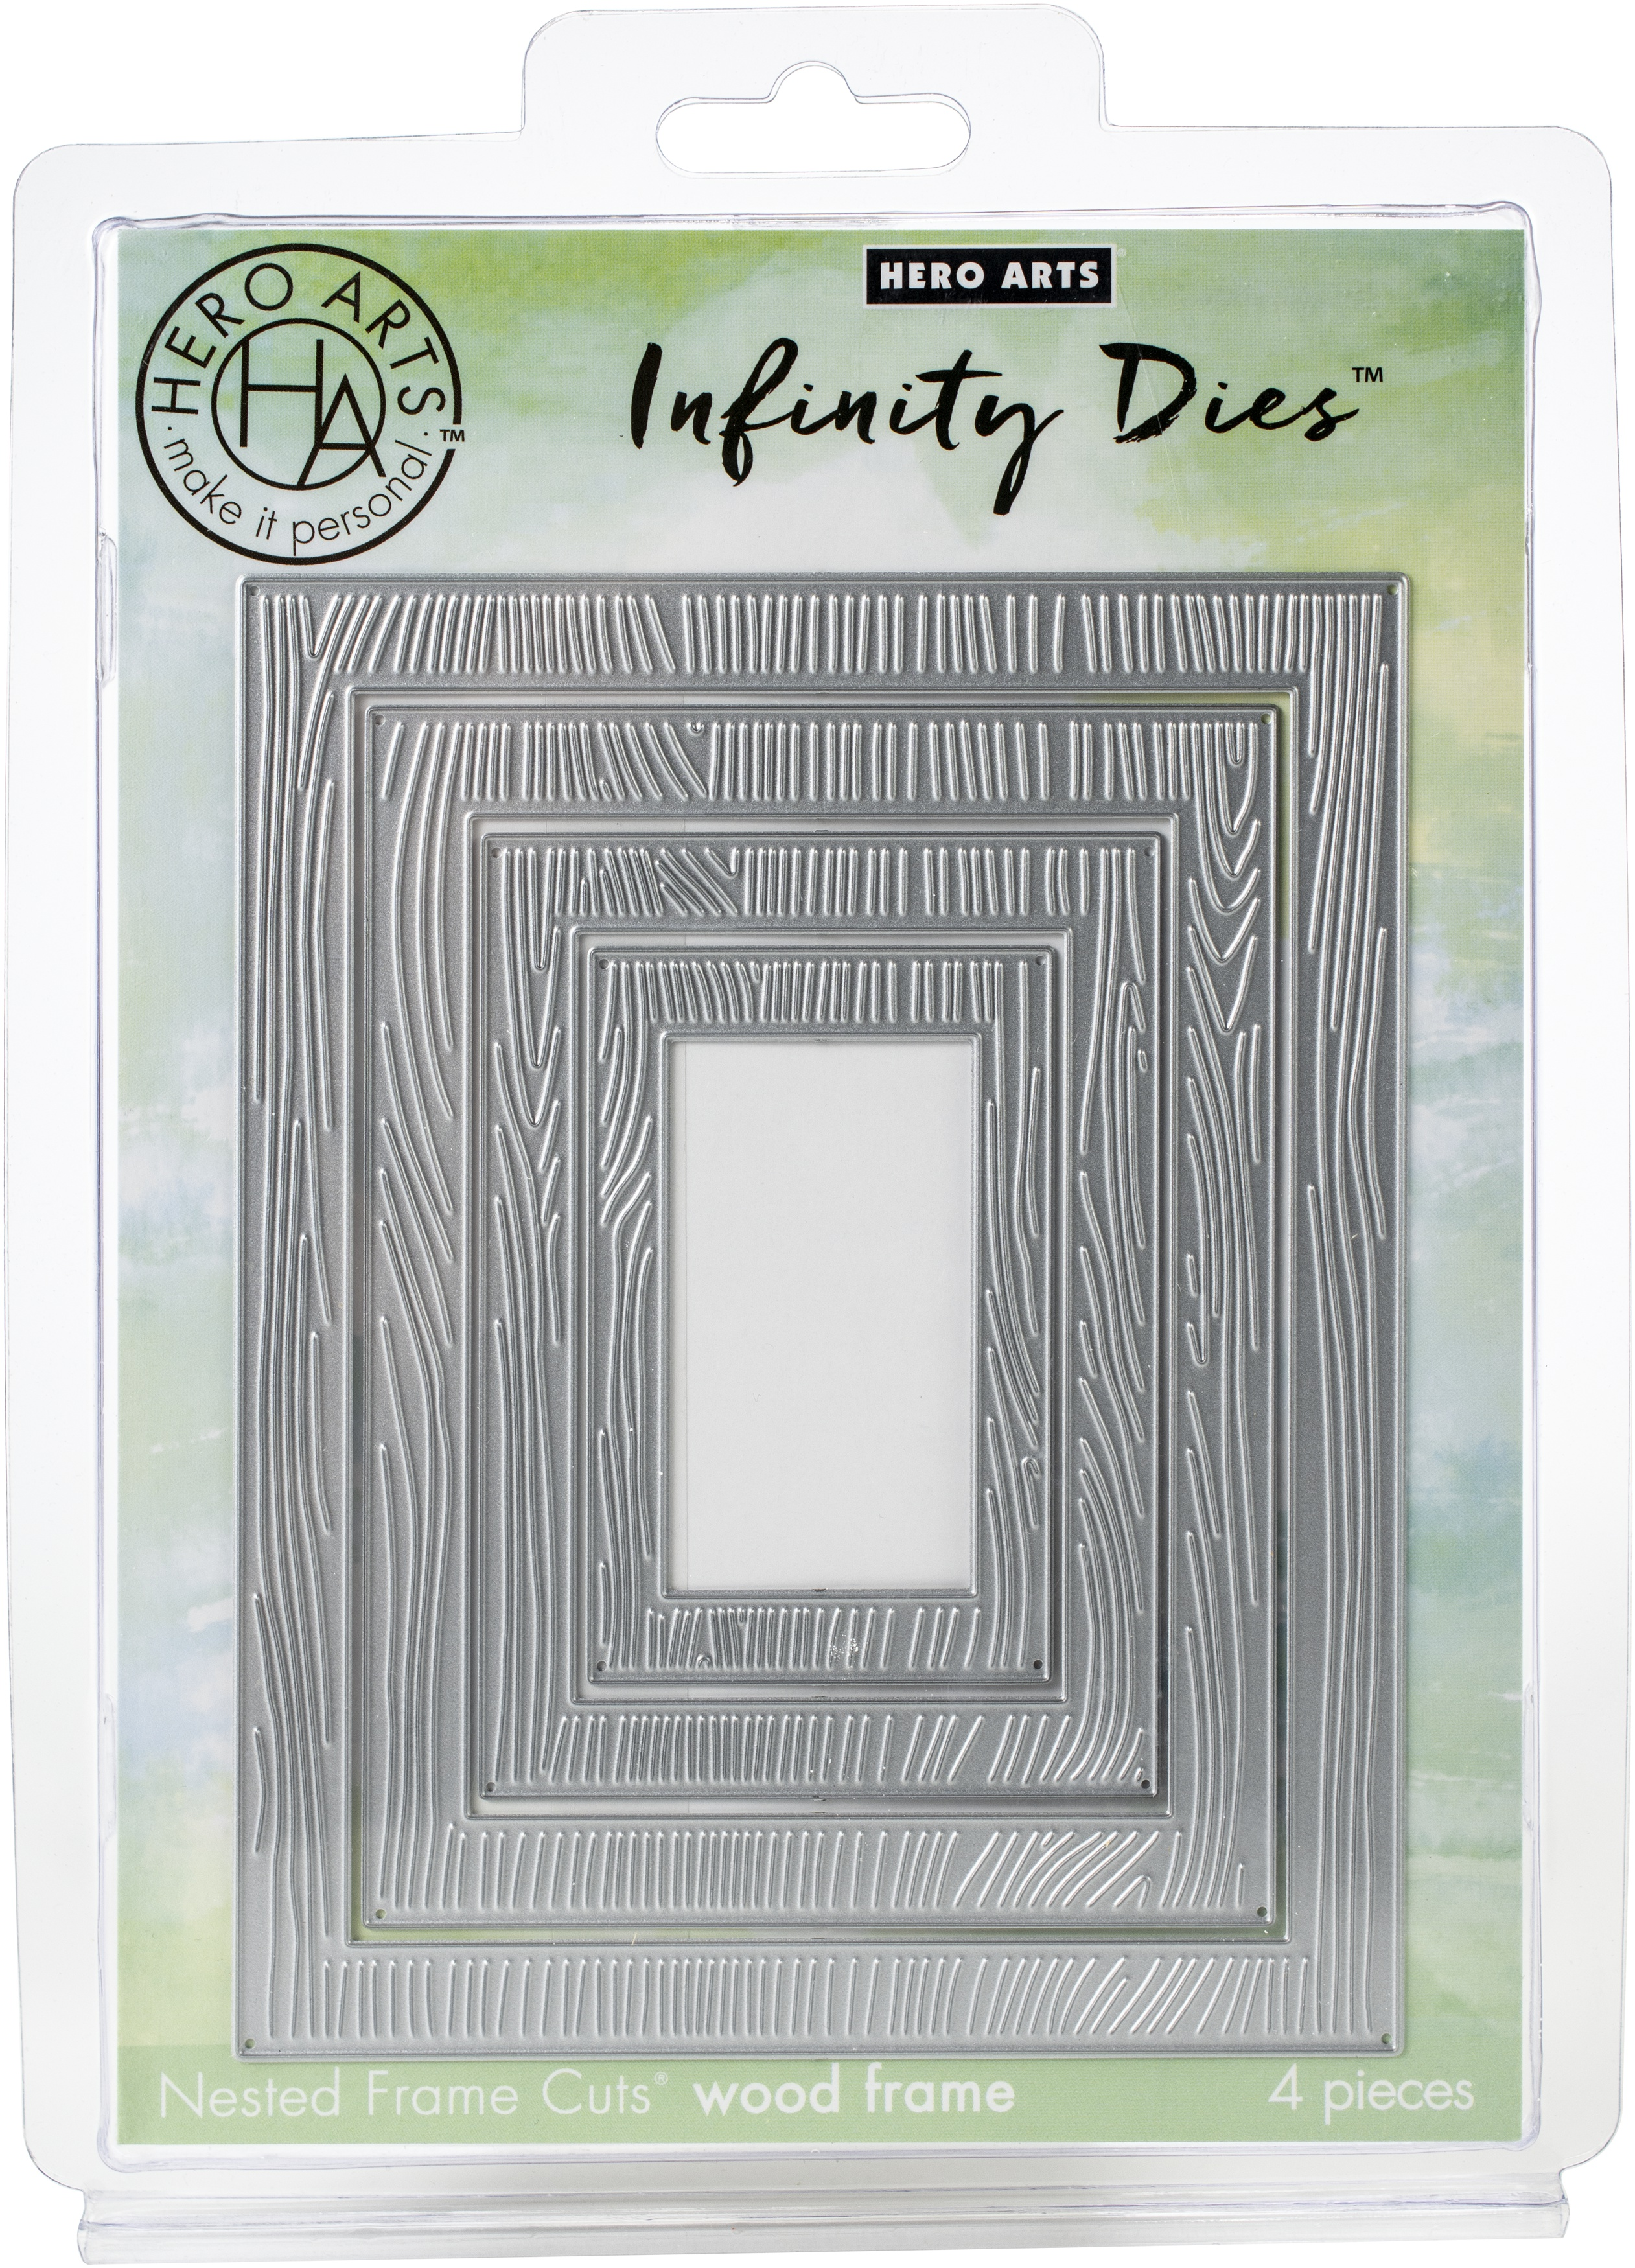 Hero Arts Infinity Dies-Wood Frame